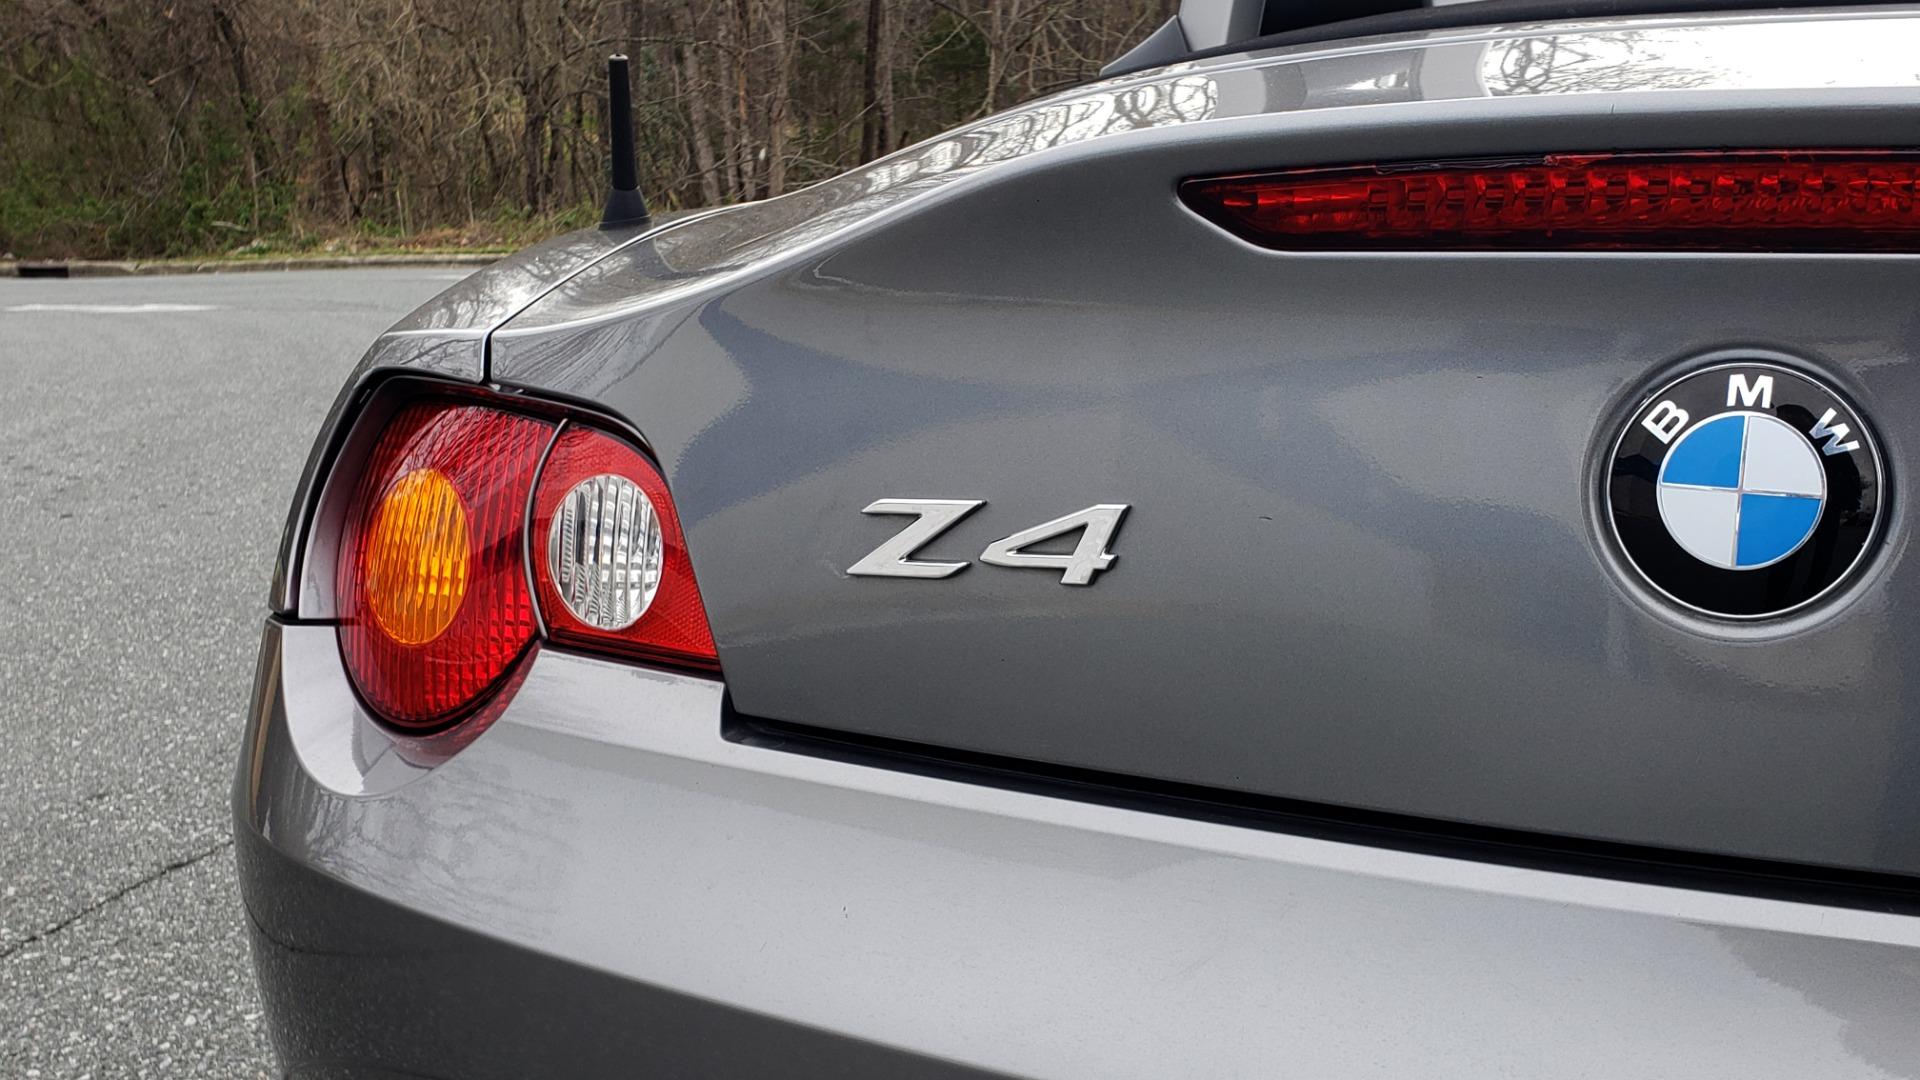 Used 2003 BMW Z4 3.0i ROADSTER / 6-SPD MAN / PREMIUM PKG / SPORT PKG / HTD STS for sale Sold at Formula Imports in Charlotte NC 28227 28